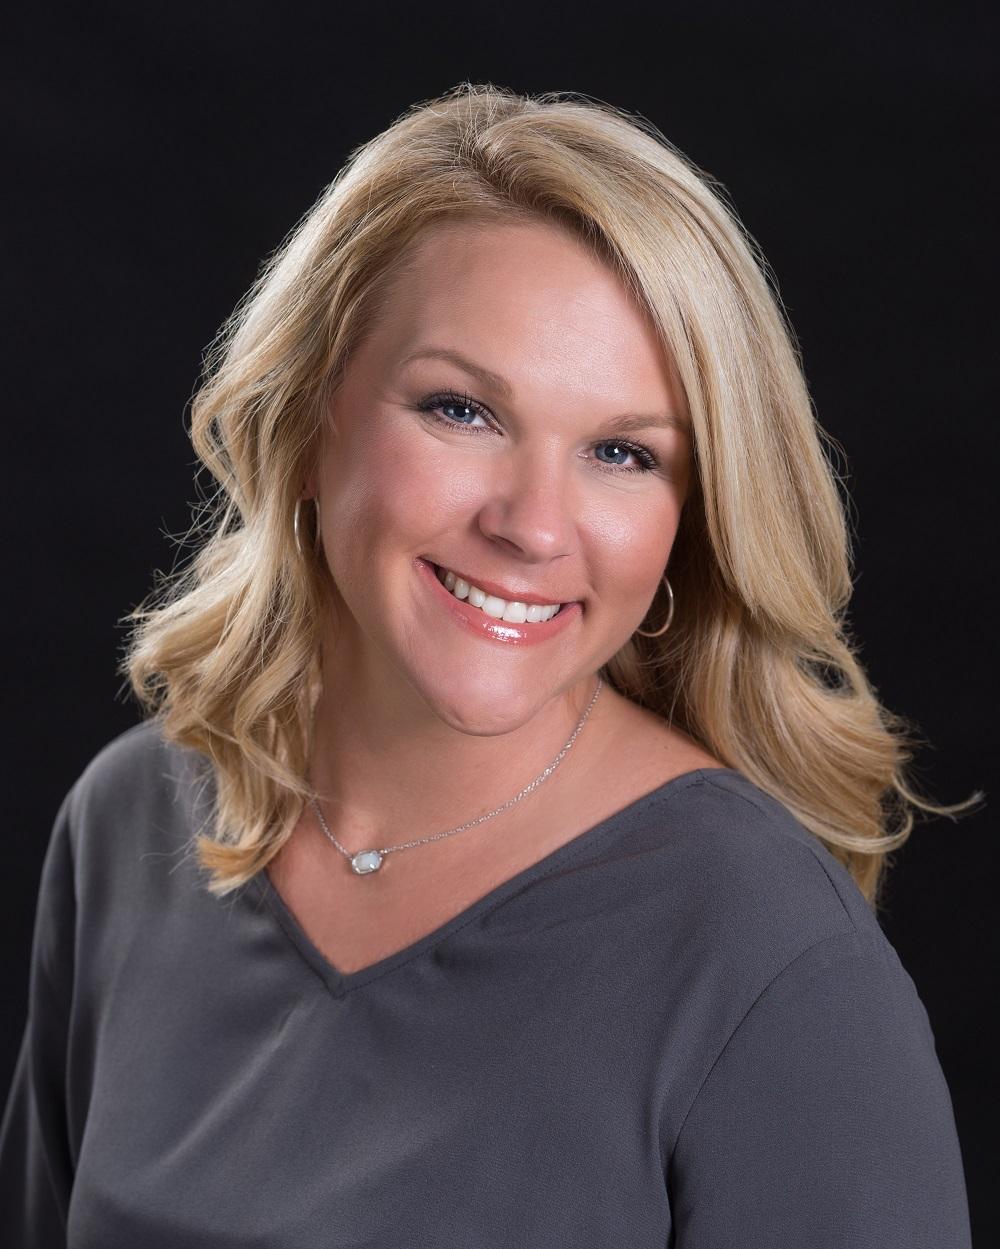 Jessica Schram